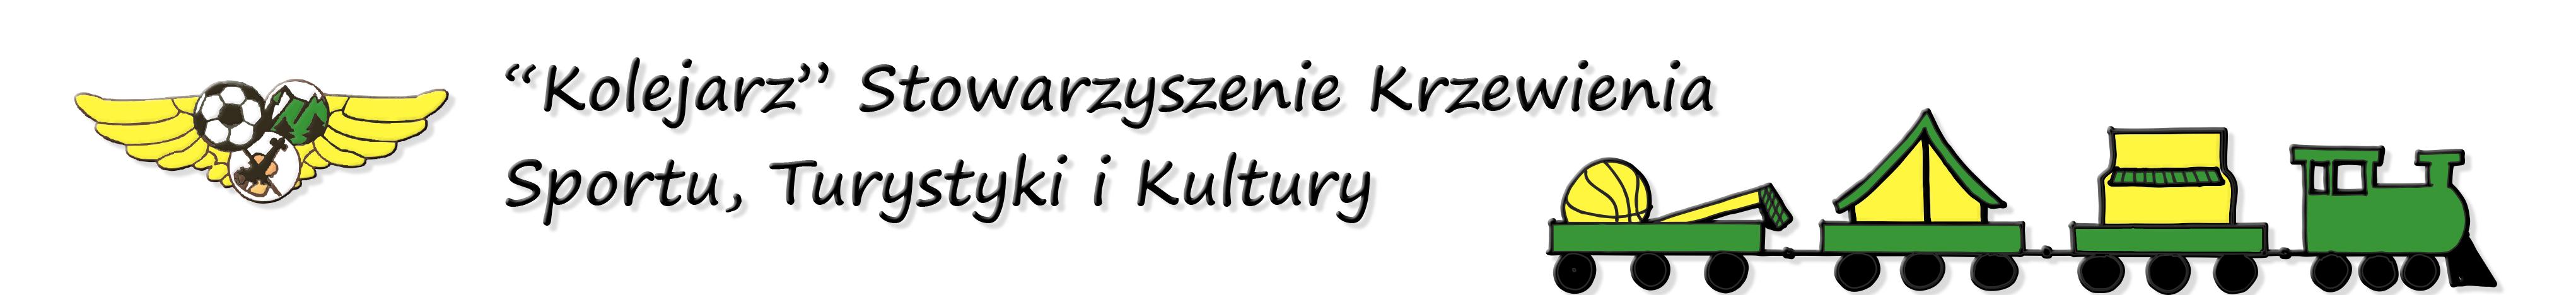 """Stowarzyszenie Krzewienia Sportu, Turystyki i Kultury """"Kolejarz"""""""